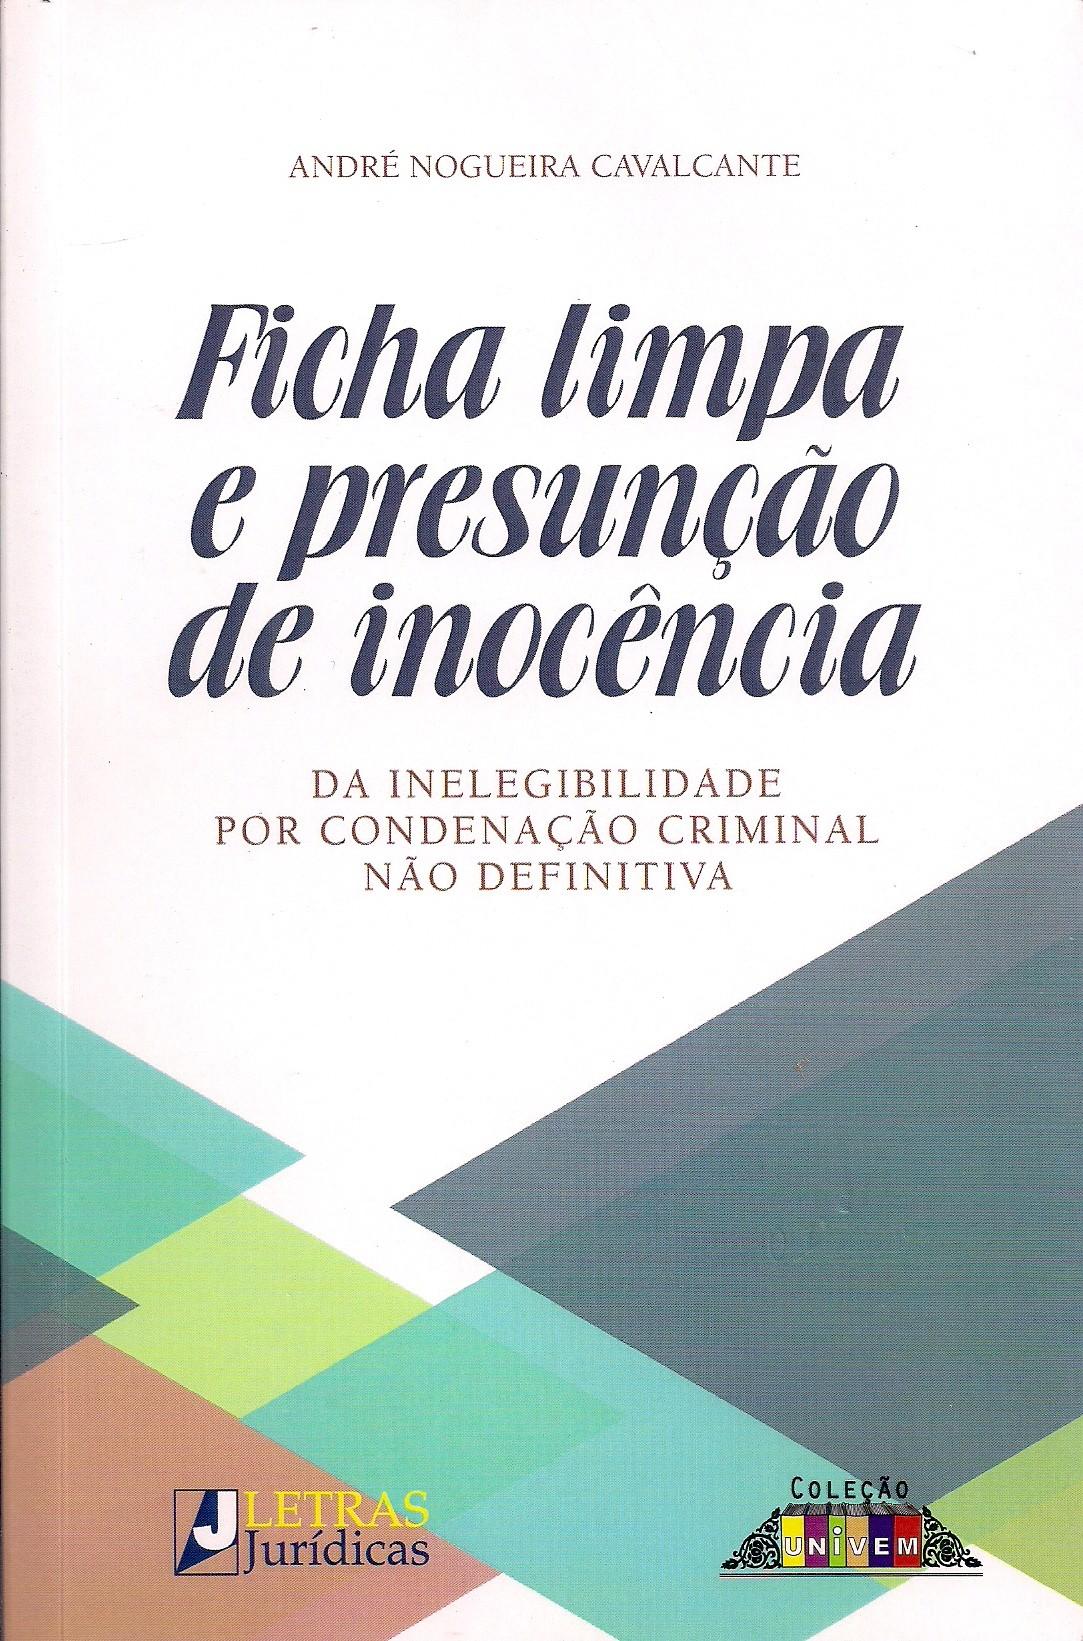 Foto 1 - Ficha Limpa e Presunção de Inocência - Da Inelegibilidade por Condenação Criminal não Definitiva